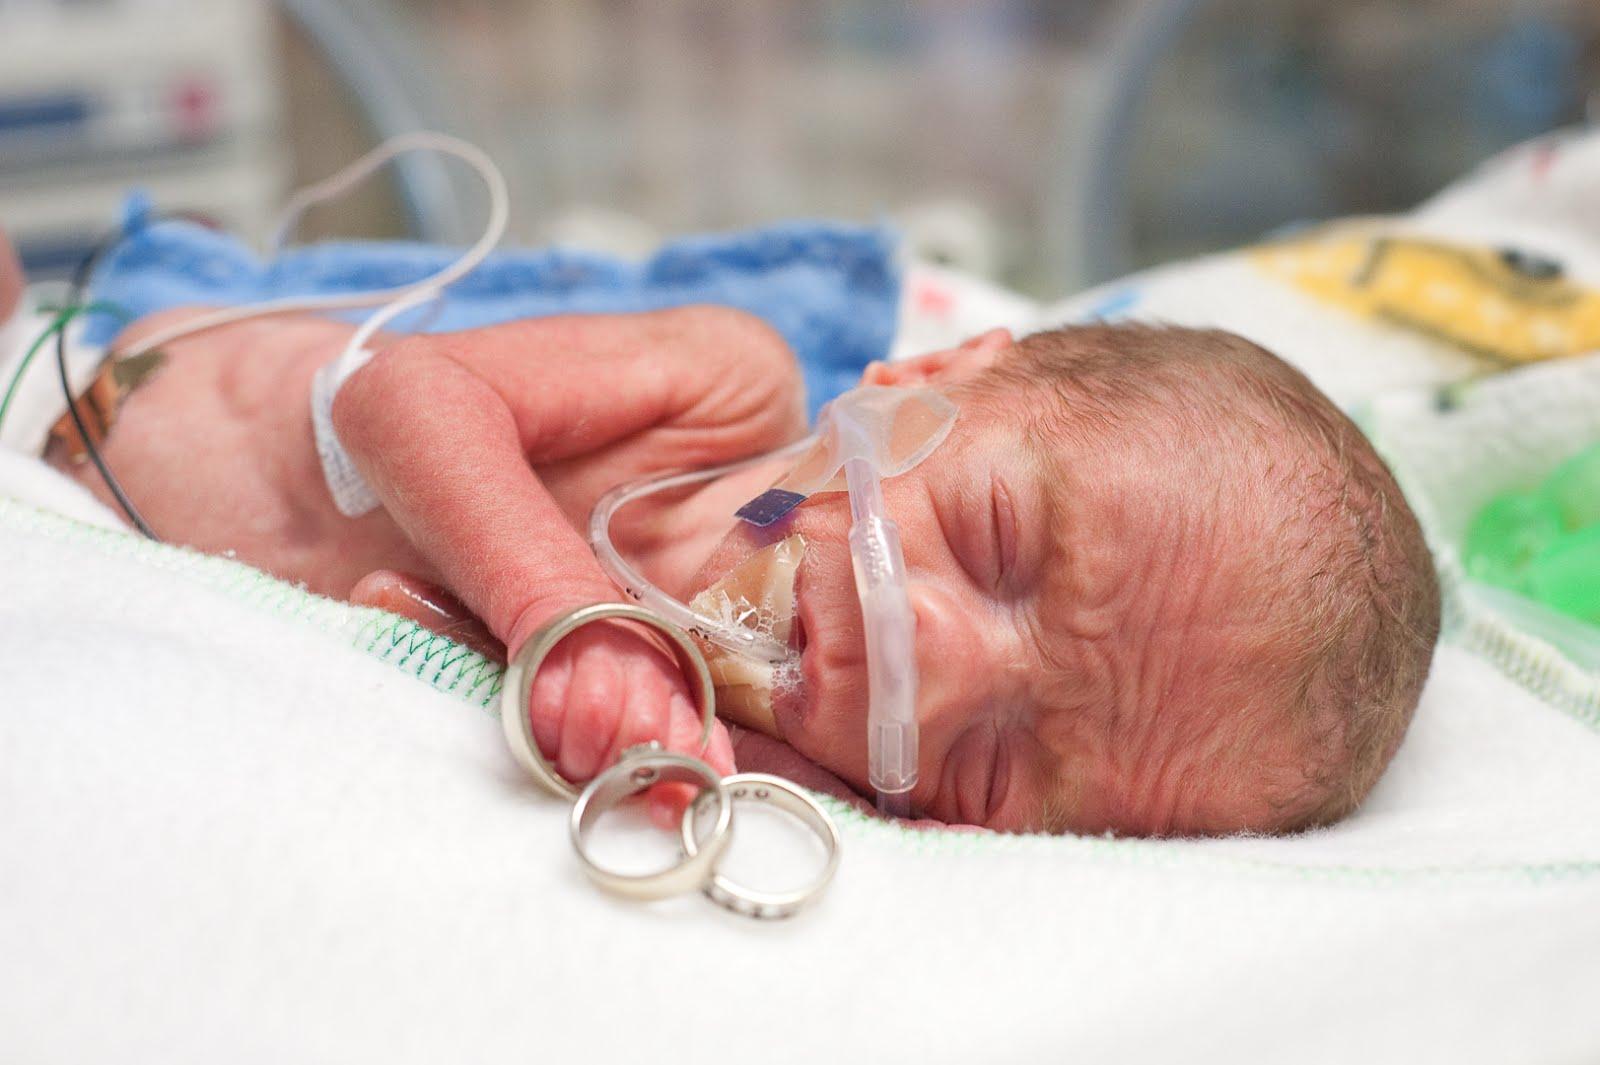 Недоношенный малыш отличается от ровесников